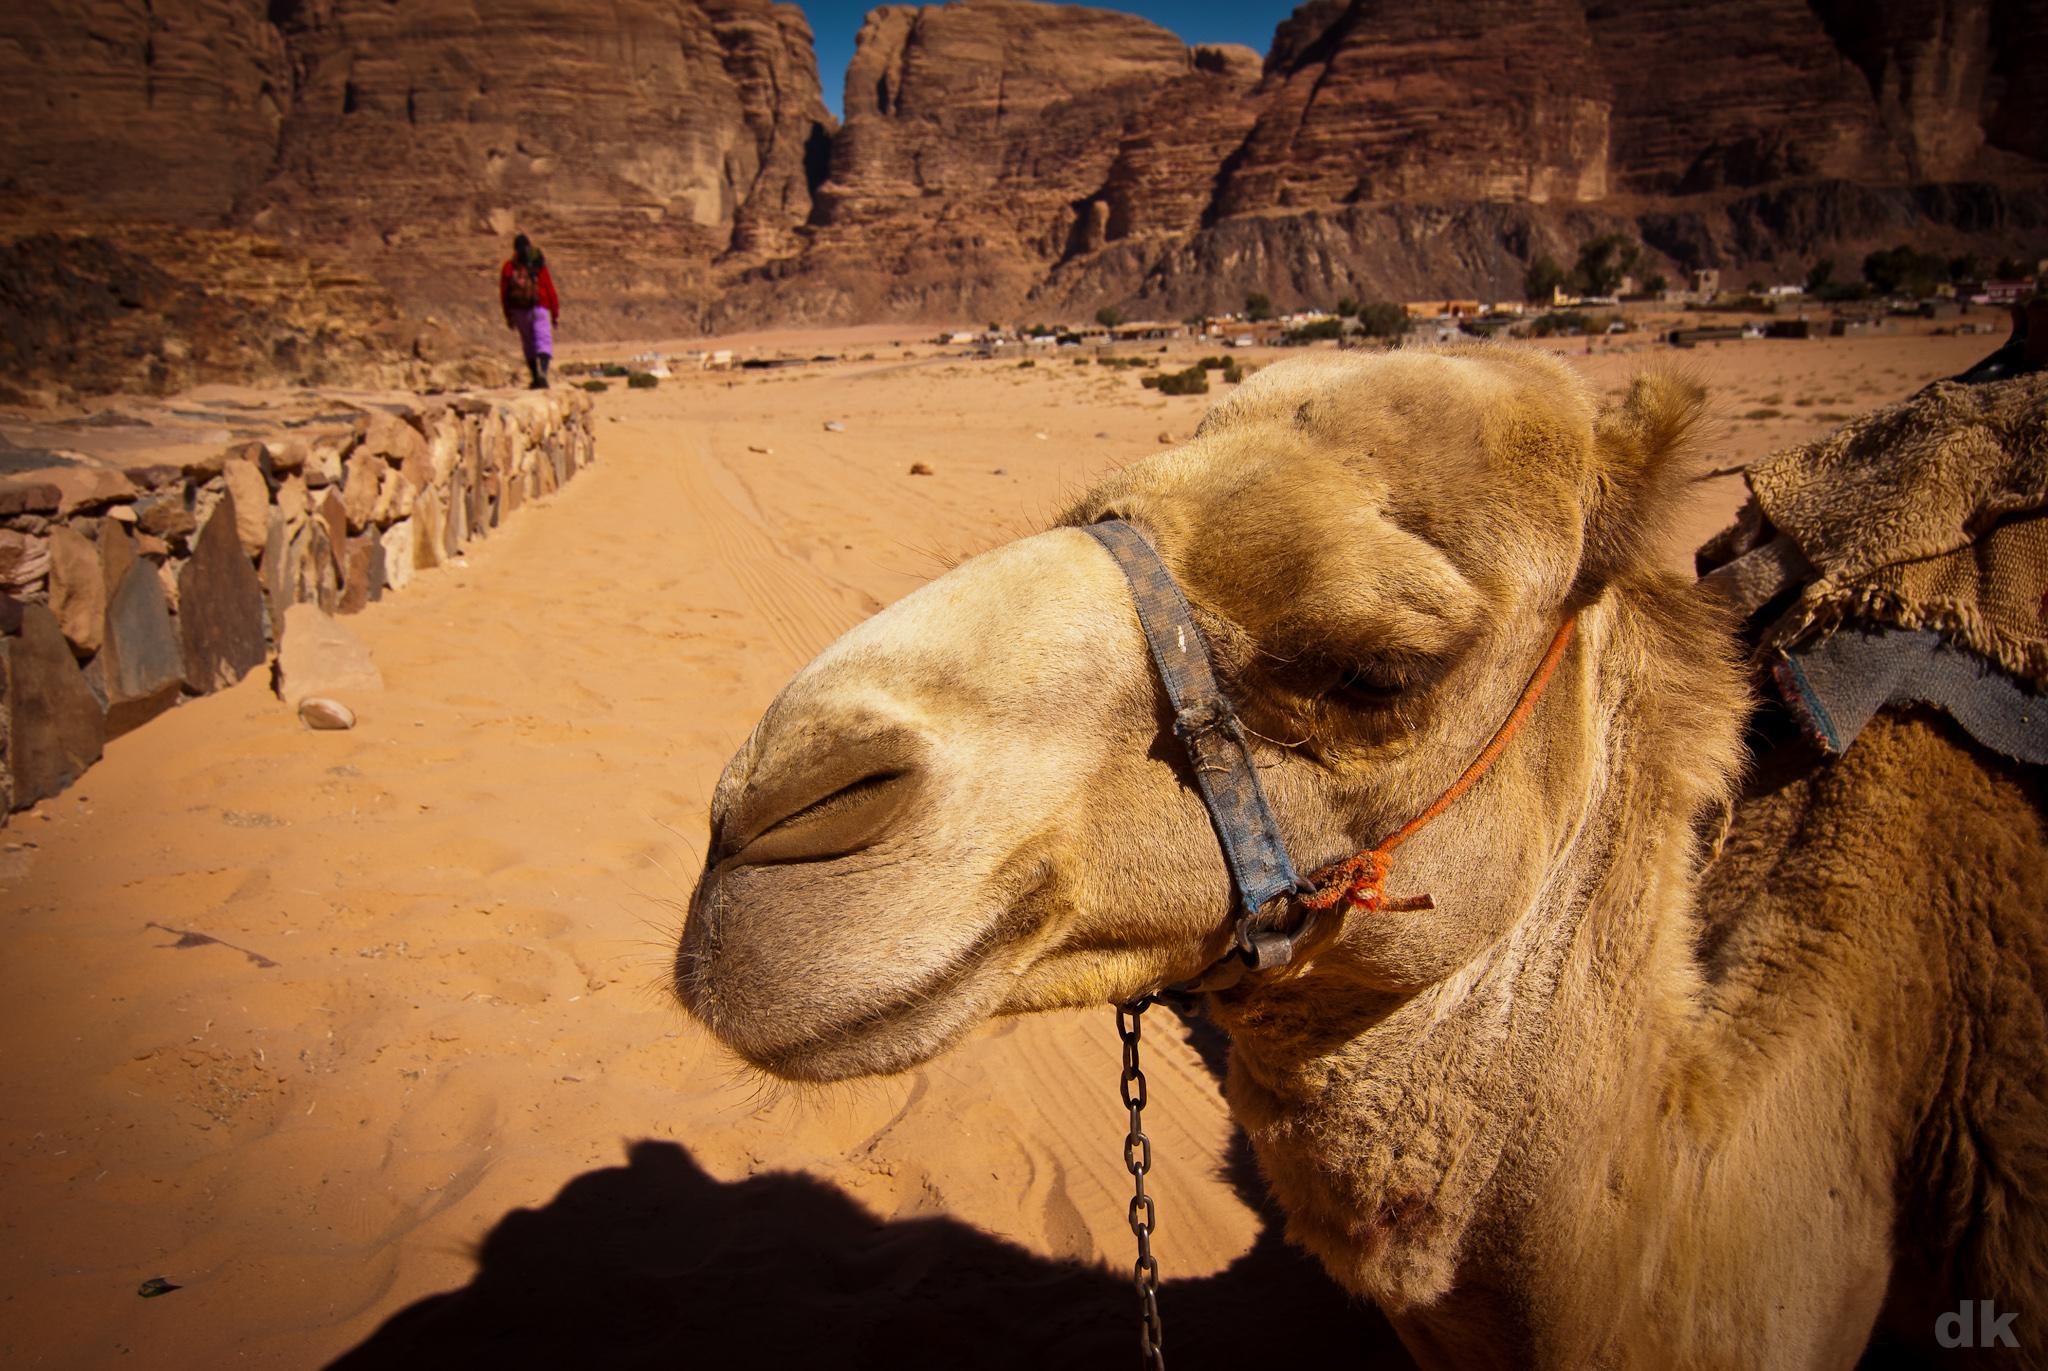 Camel at Wadi Rum, Jordan